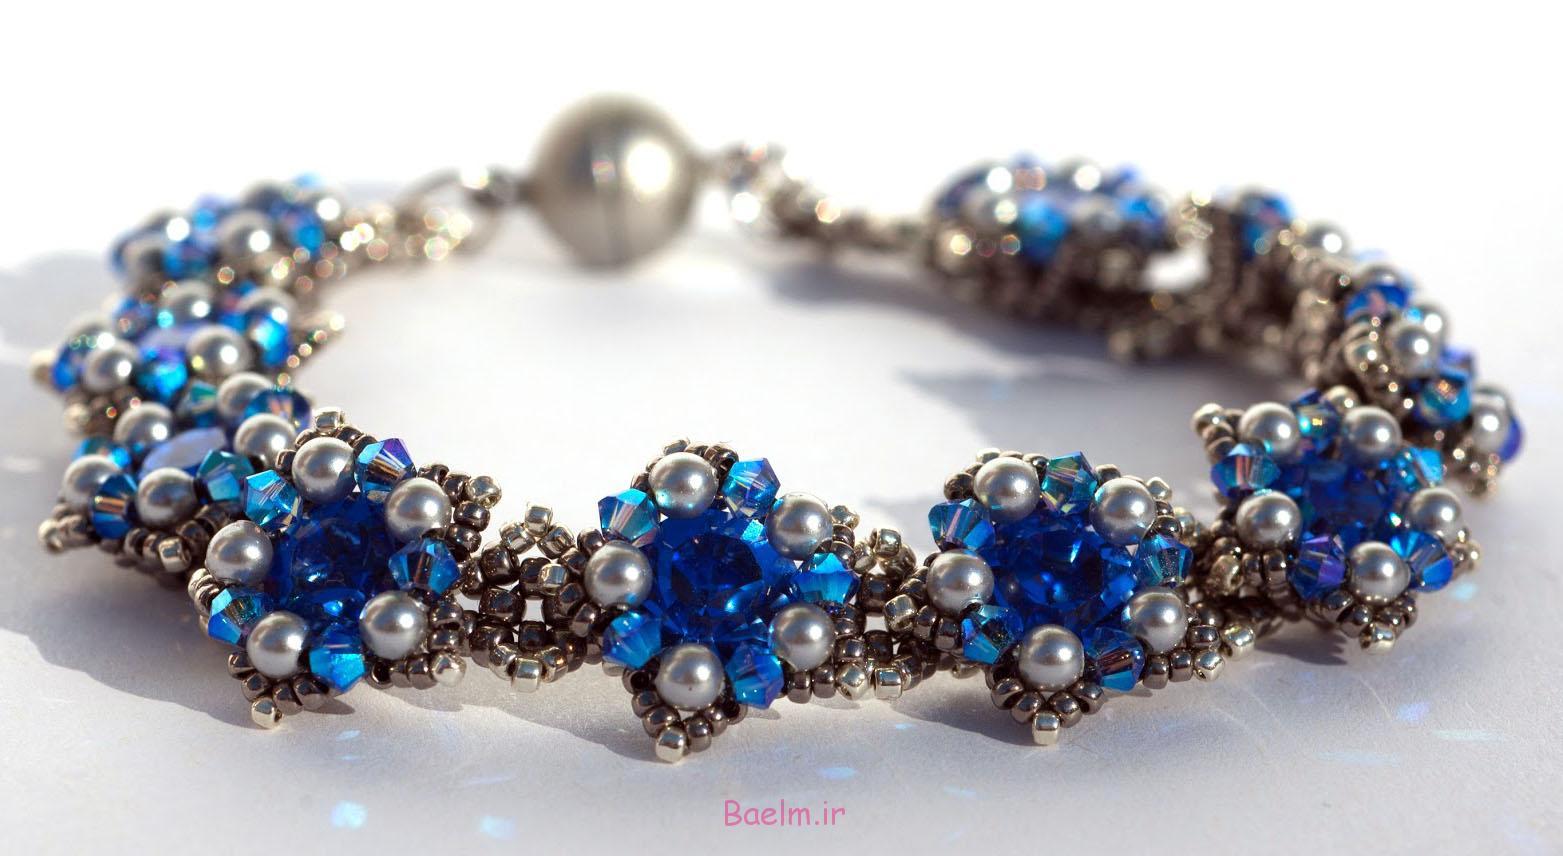 beaded bracelets 5 Beautiful Beaded Bracelets